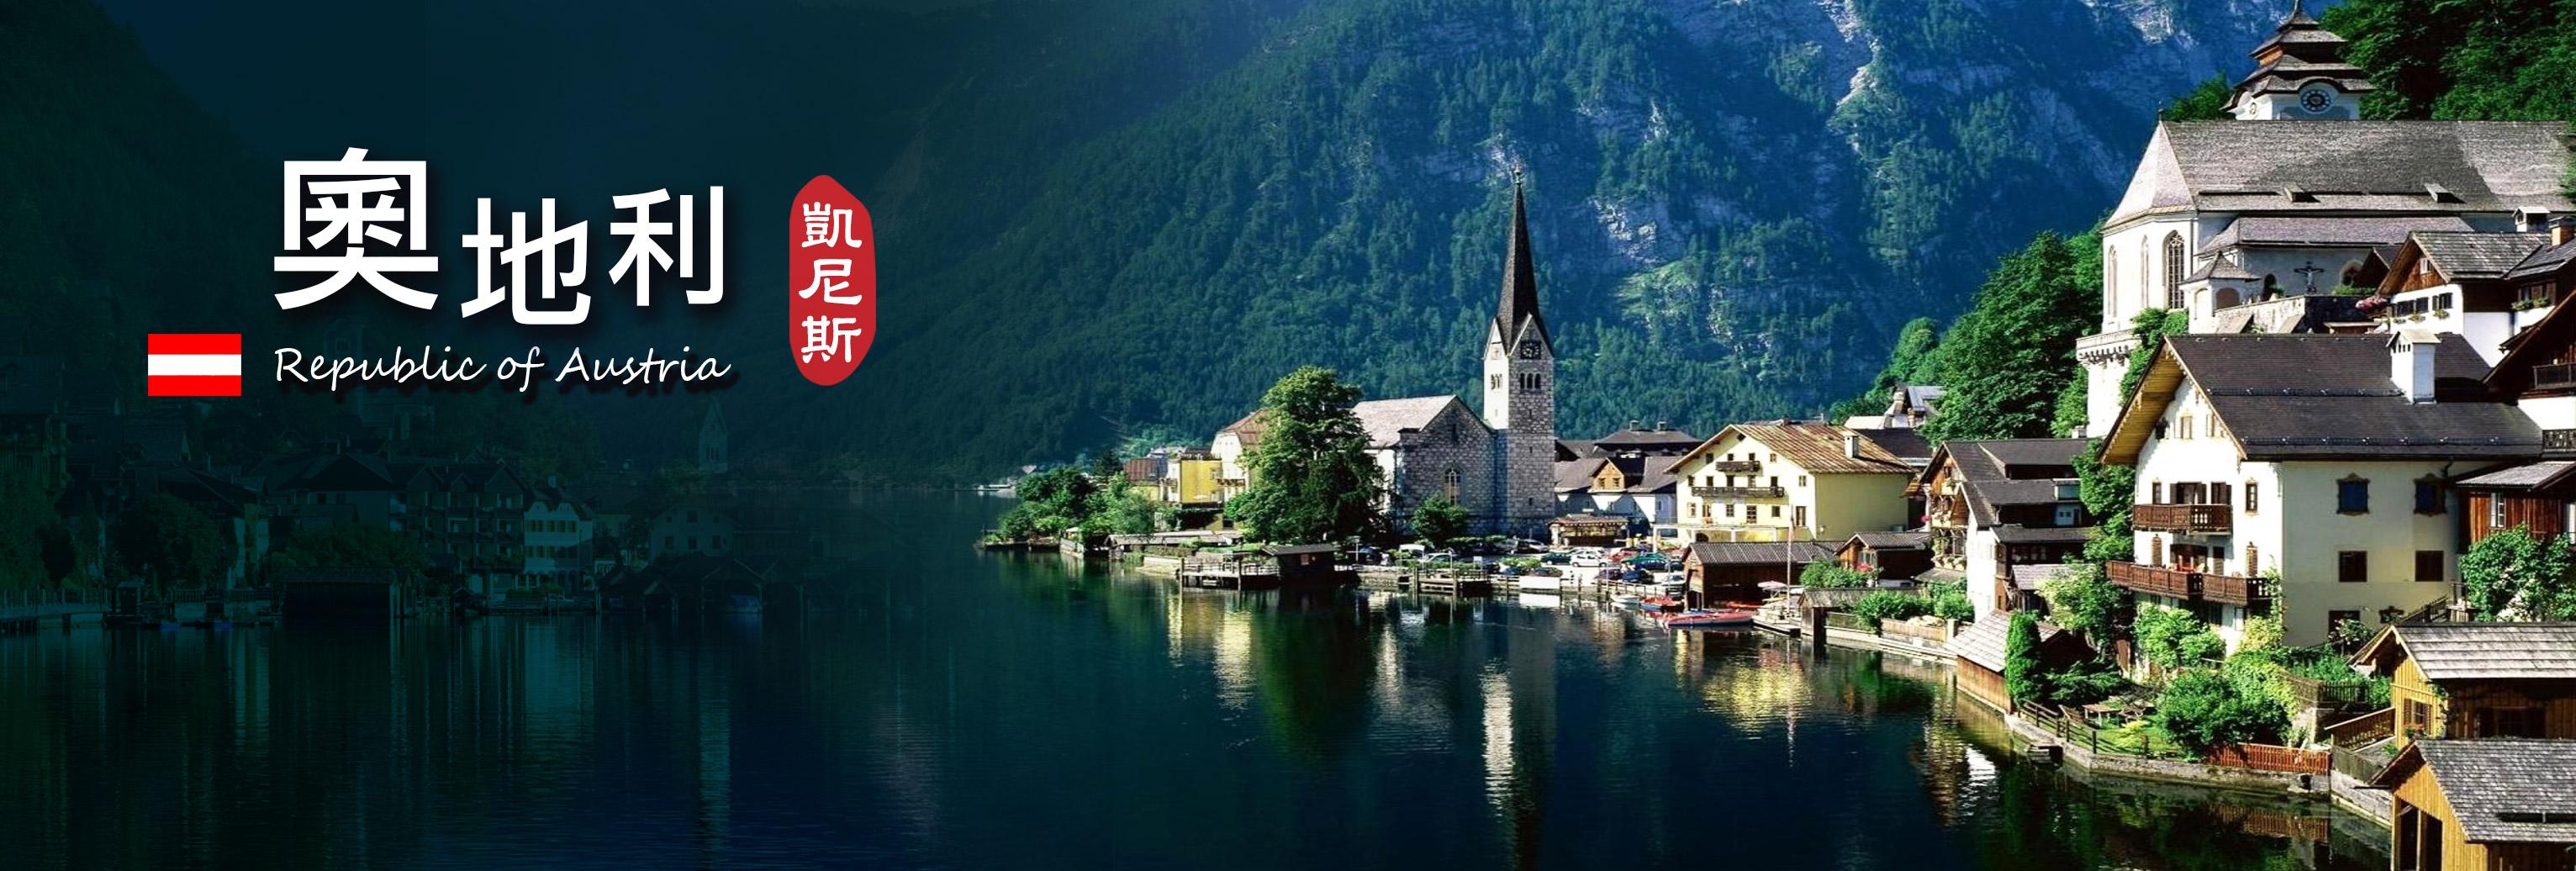 奧地利旅遊